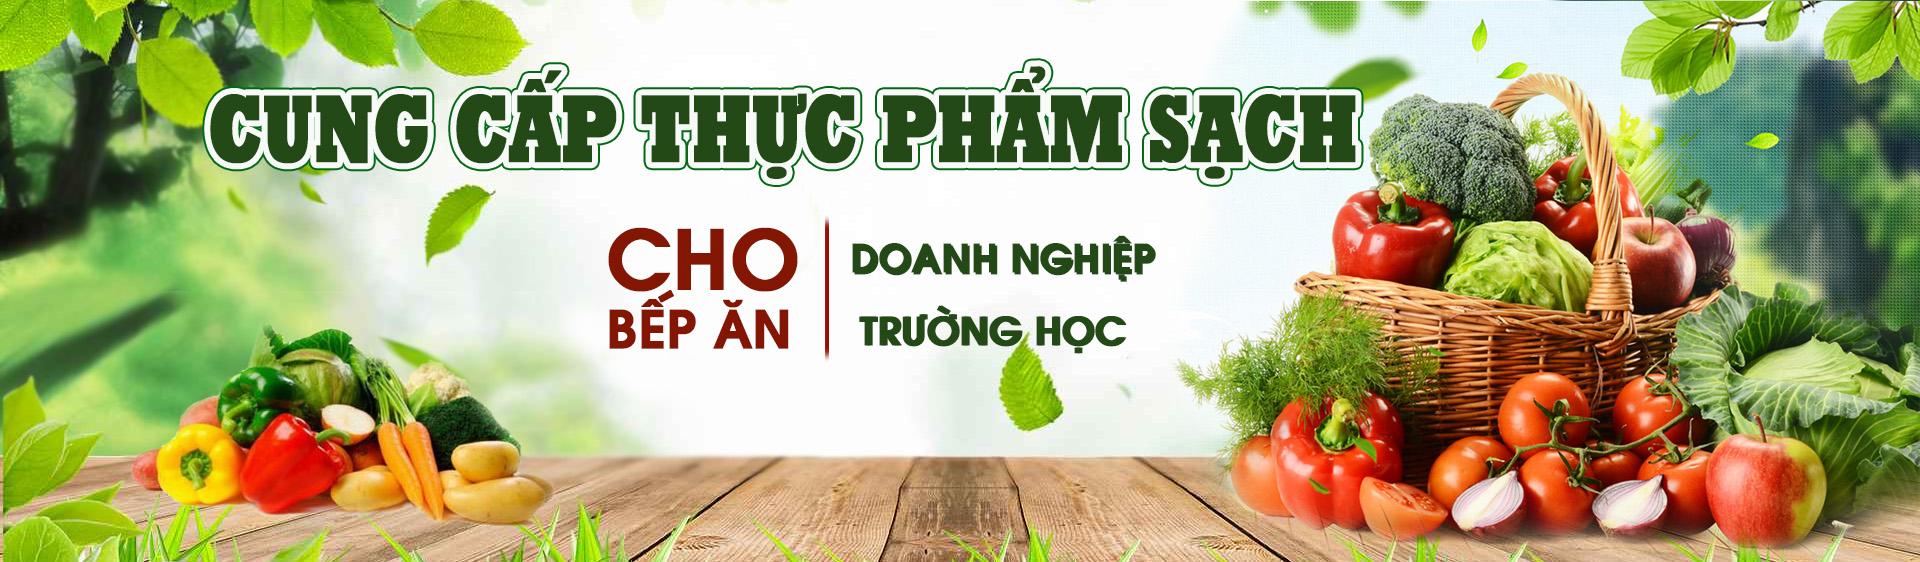 thuc-pham-sach3